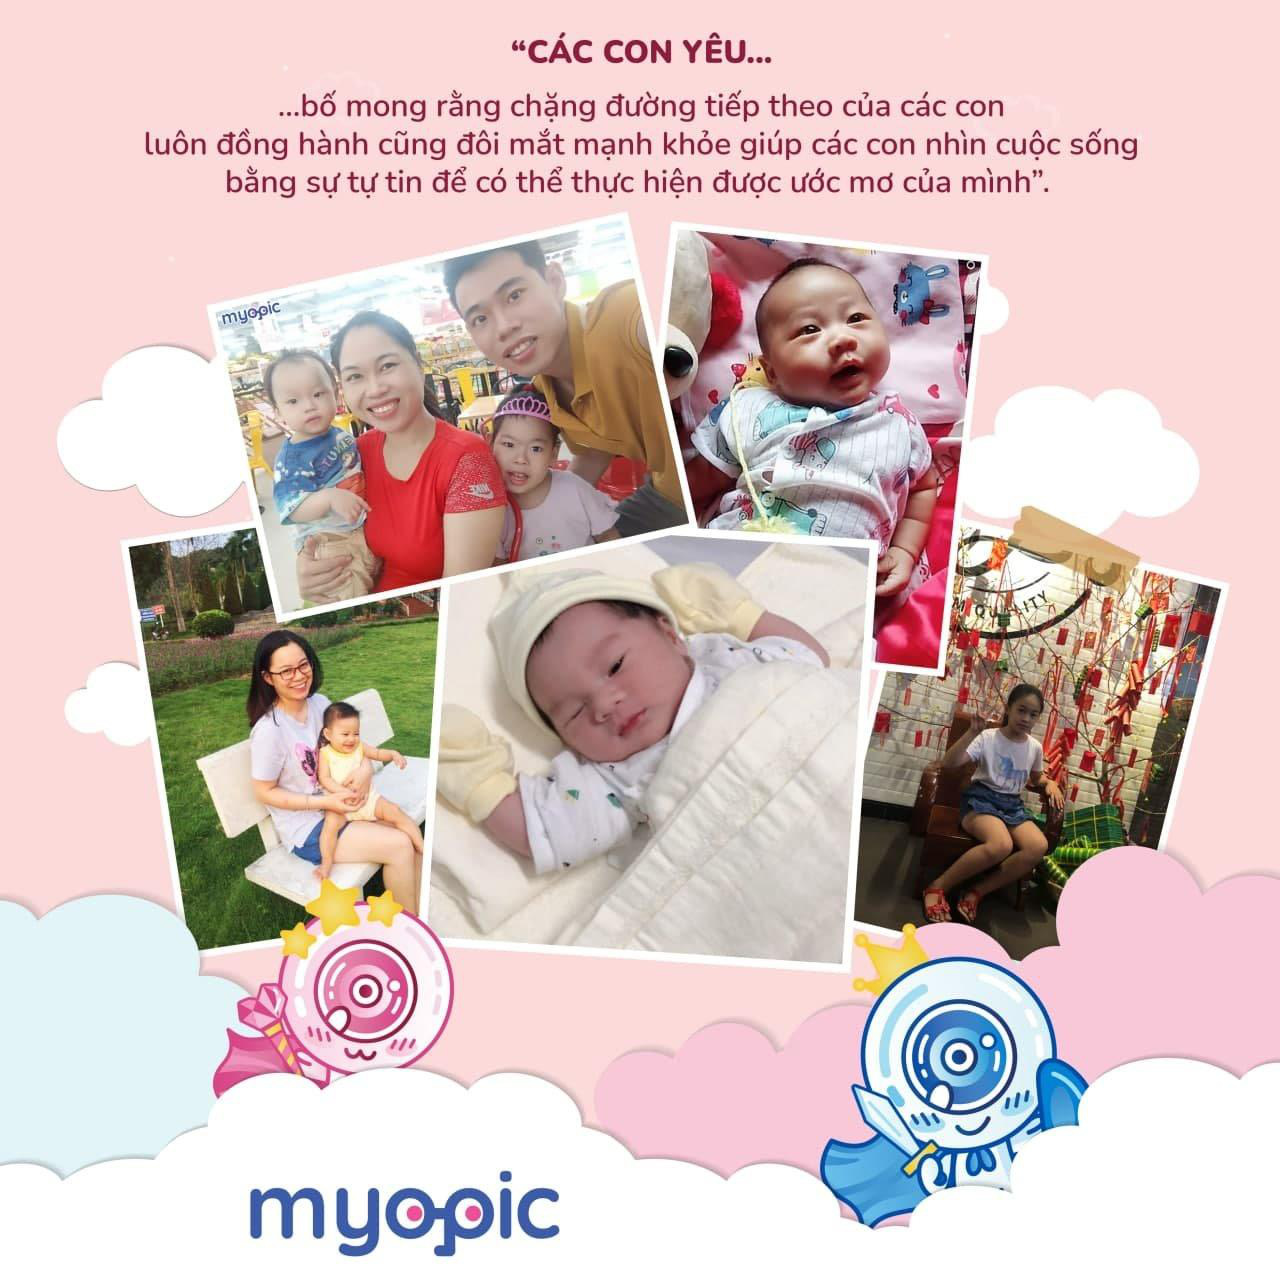 Myopic tổ chức cuộc thi Đôi mắt khỏe để trẻ tinh anh nhân ngày gia đình Việt Nam - Ảnh 2.